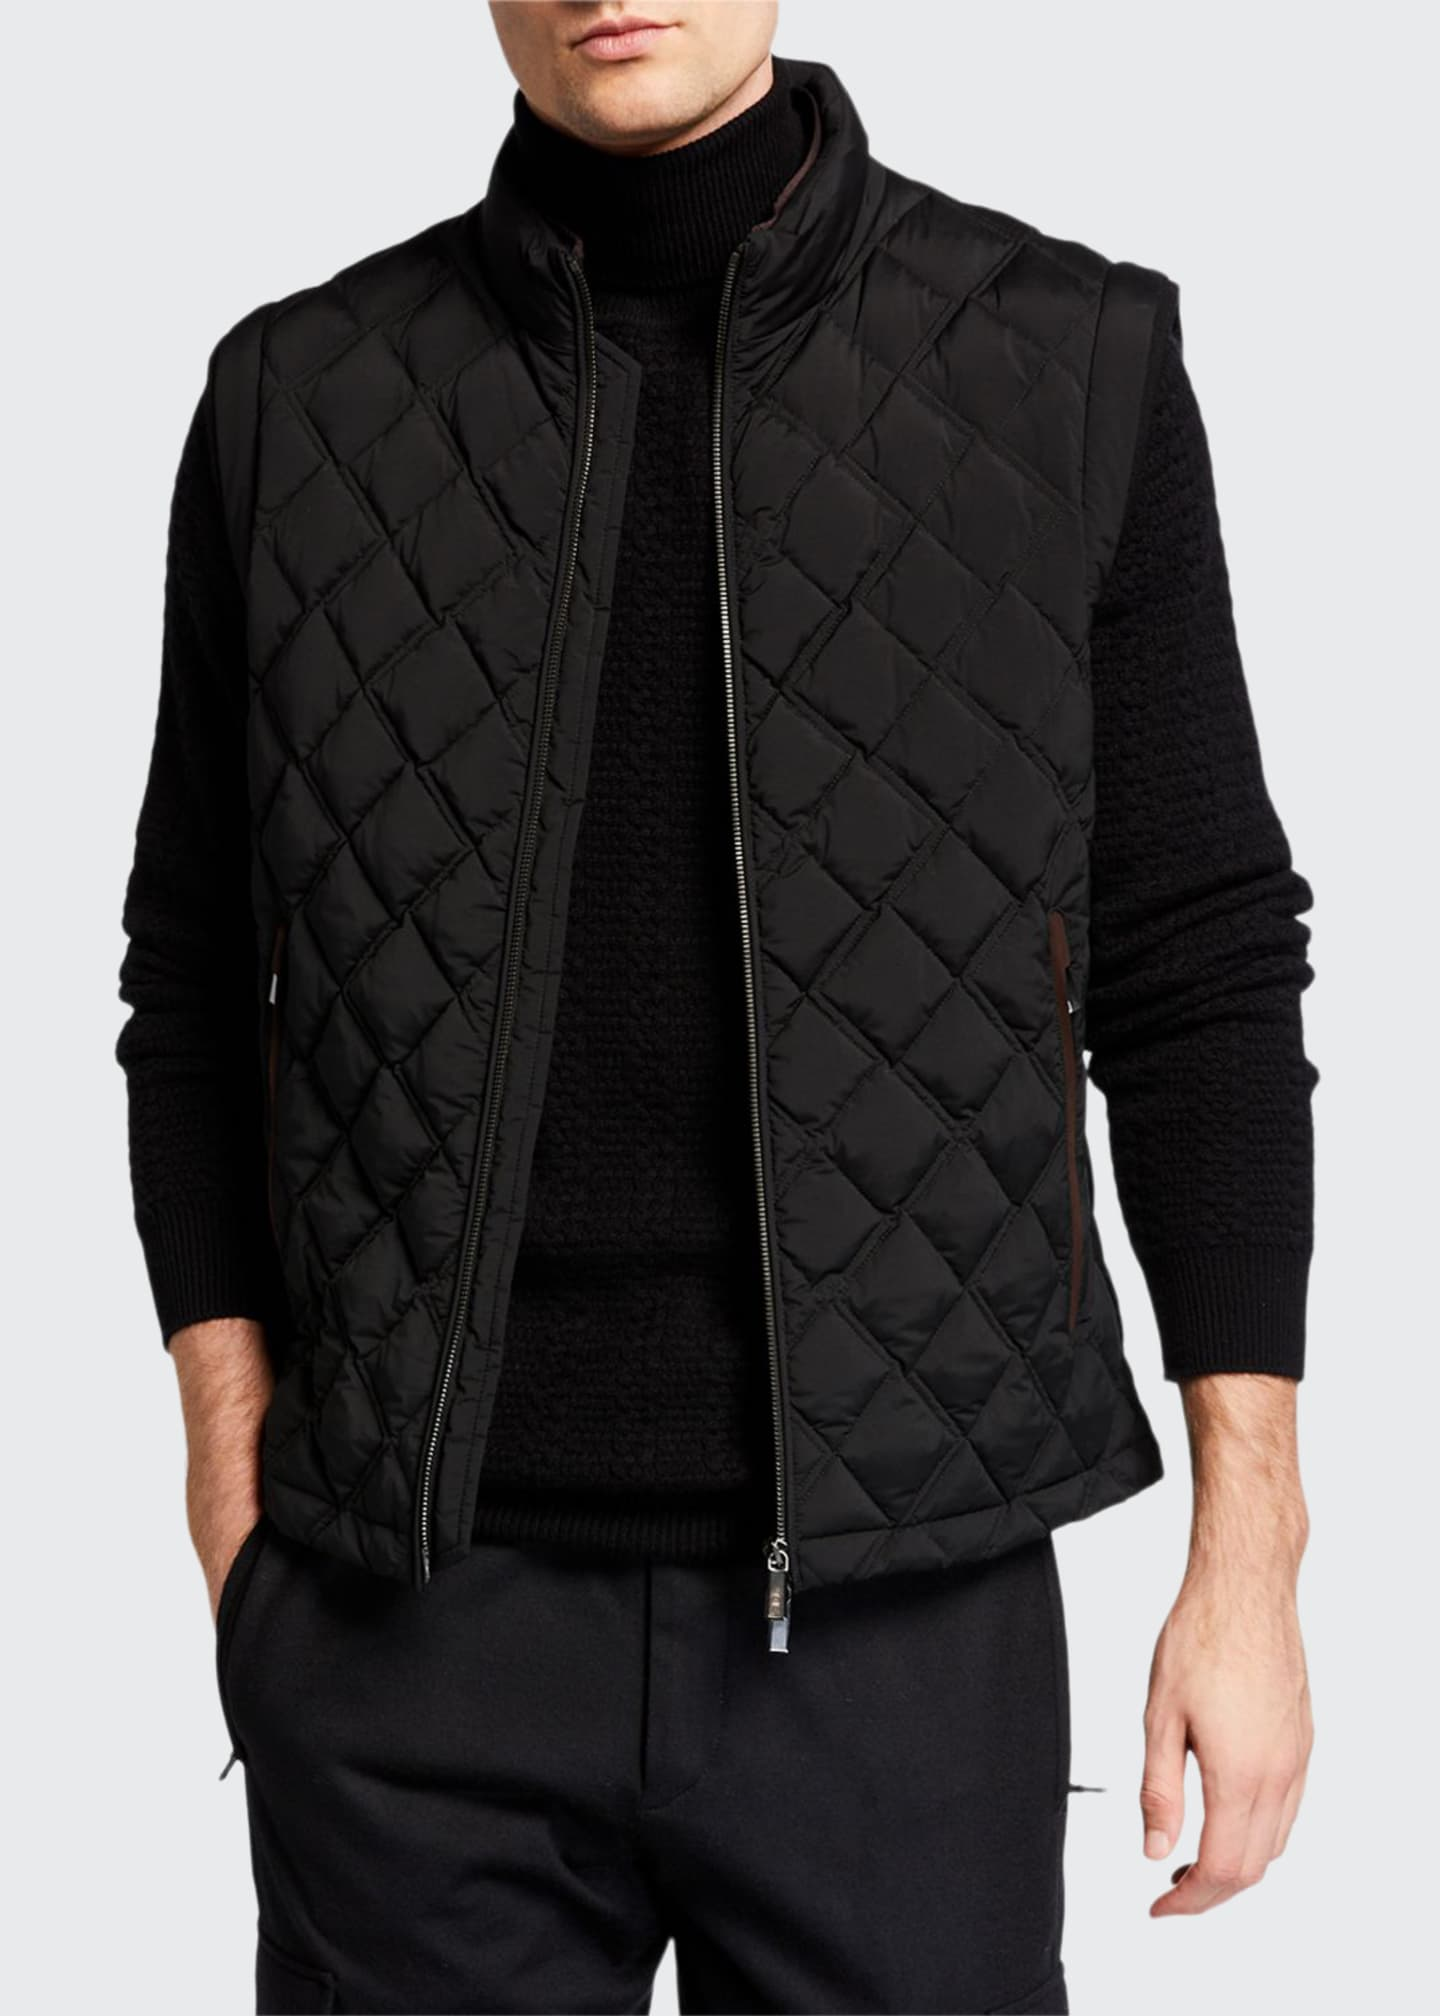 Ermenegildo Zegna Men's Quilted Vest with Leather Trim